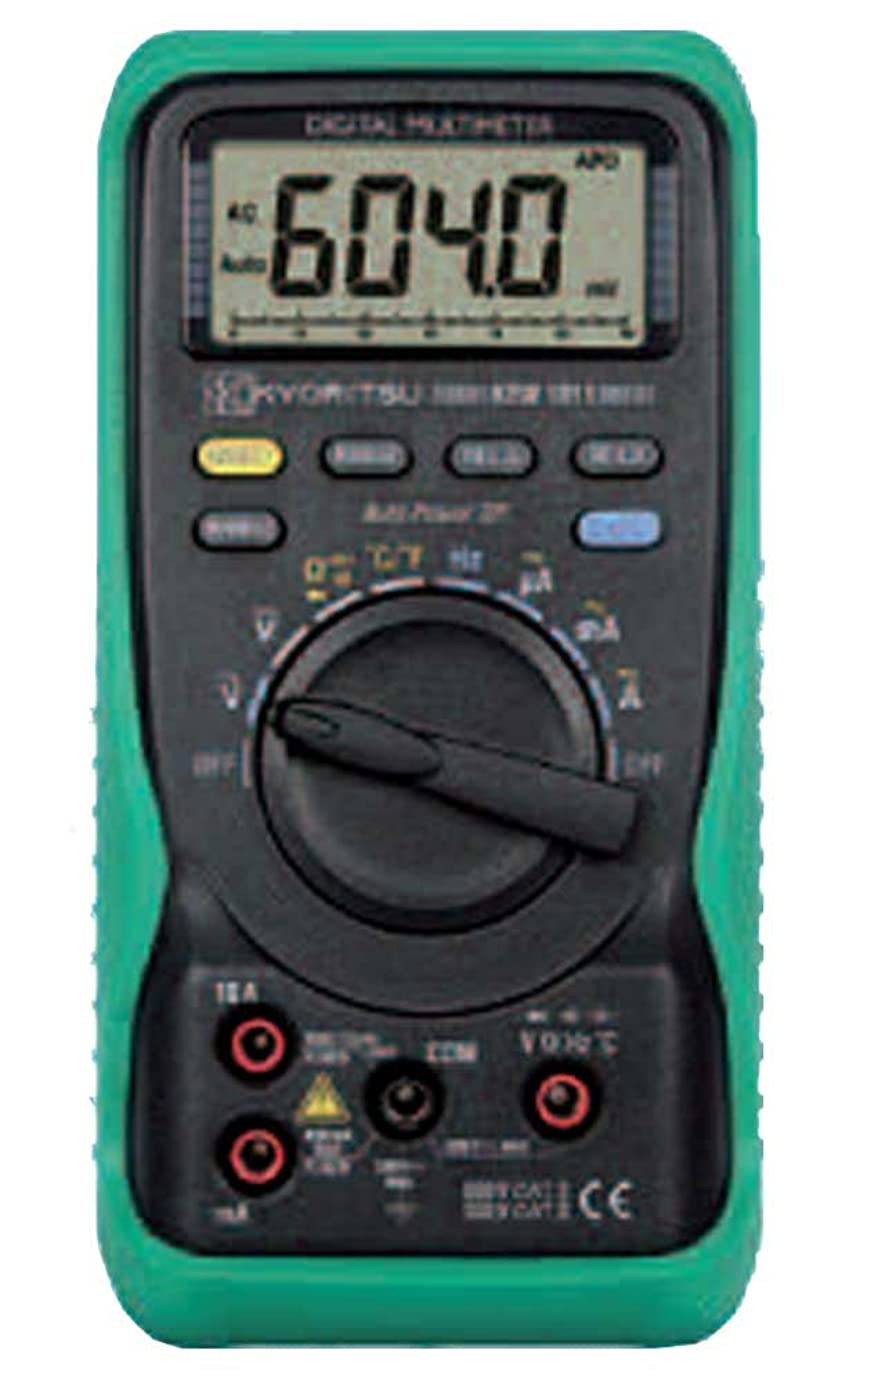 気分分析的なずんぐりした共立電気計器 (KYORITSU) 1011 キューマルチメータ